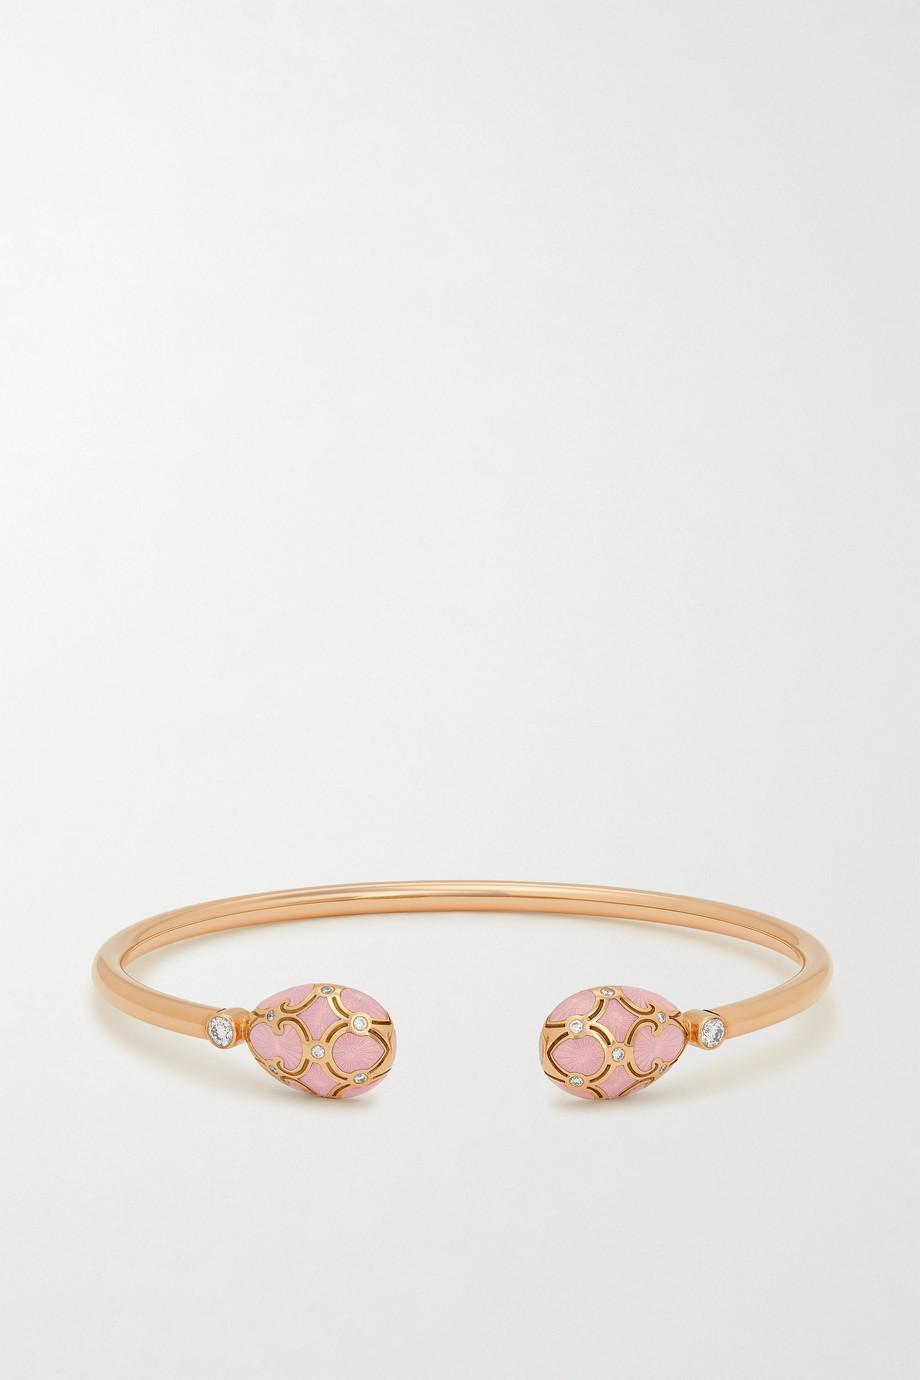 Fabergé Bracelet jonc en or rose 18 carats (750/1000), émail, diamants et rubis Heritage